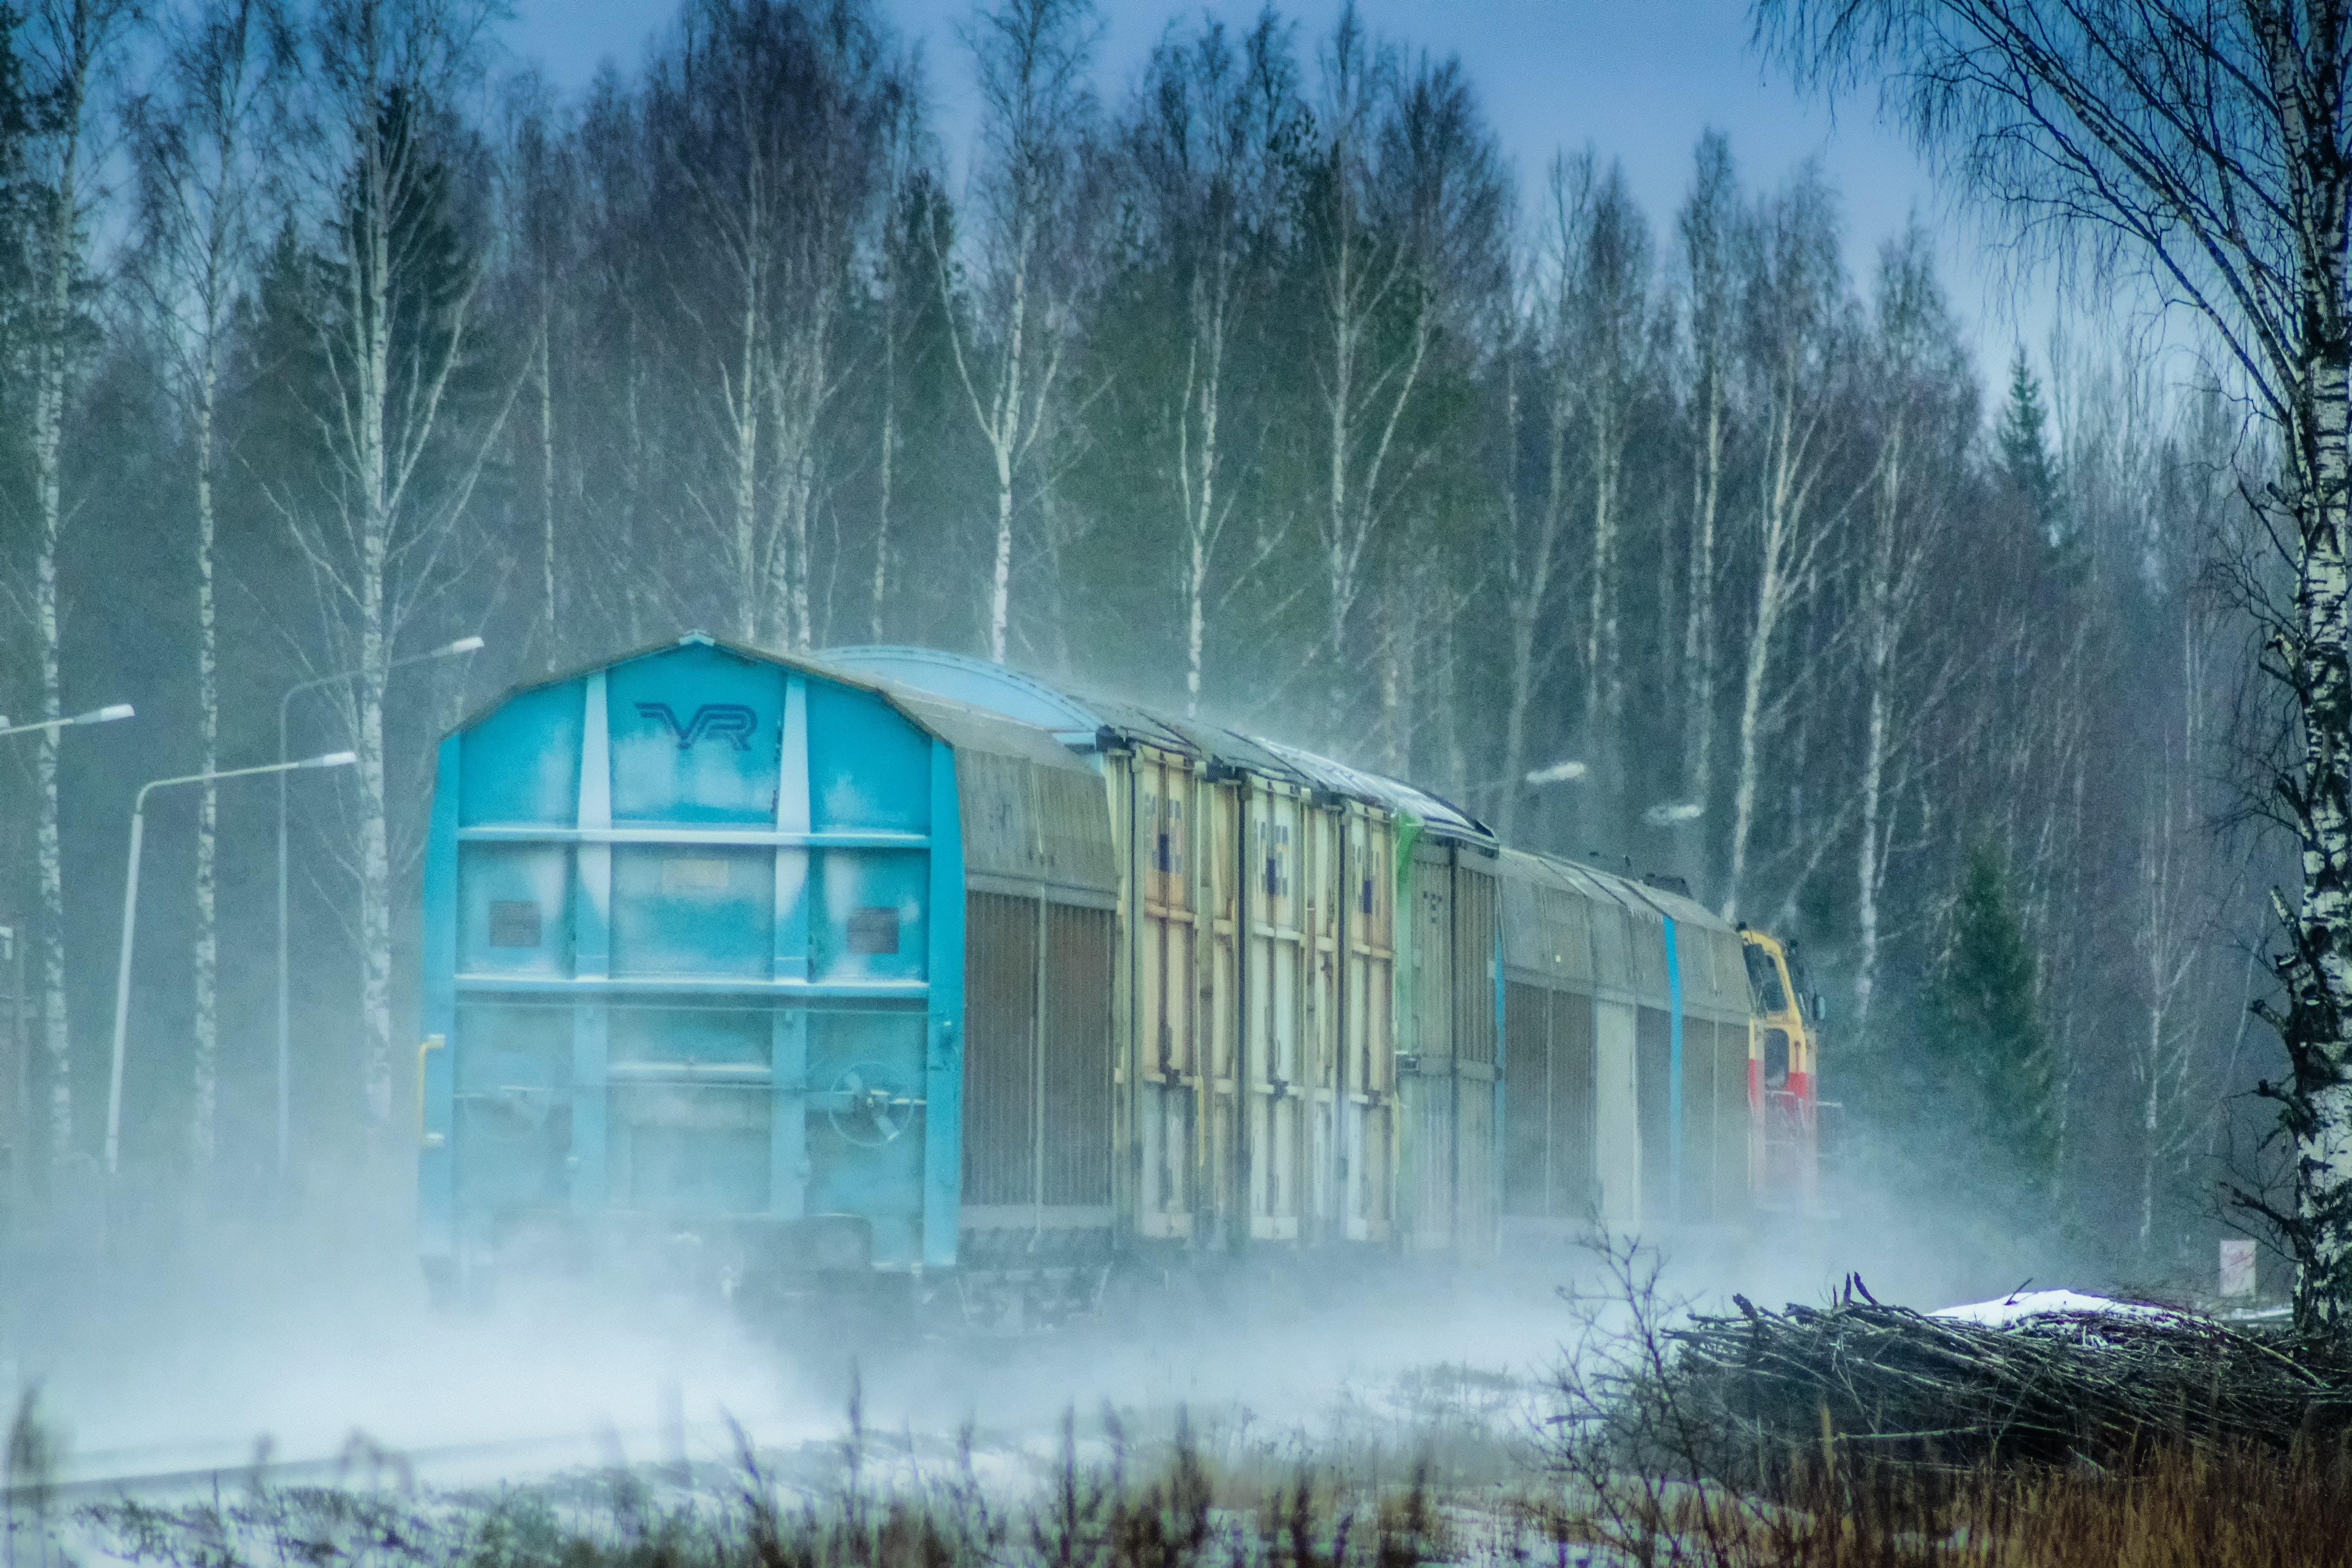 Free stock photo of train, winter, train car, the train track